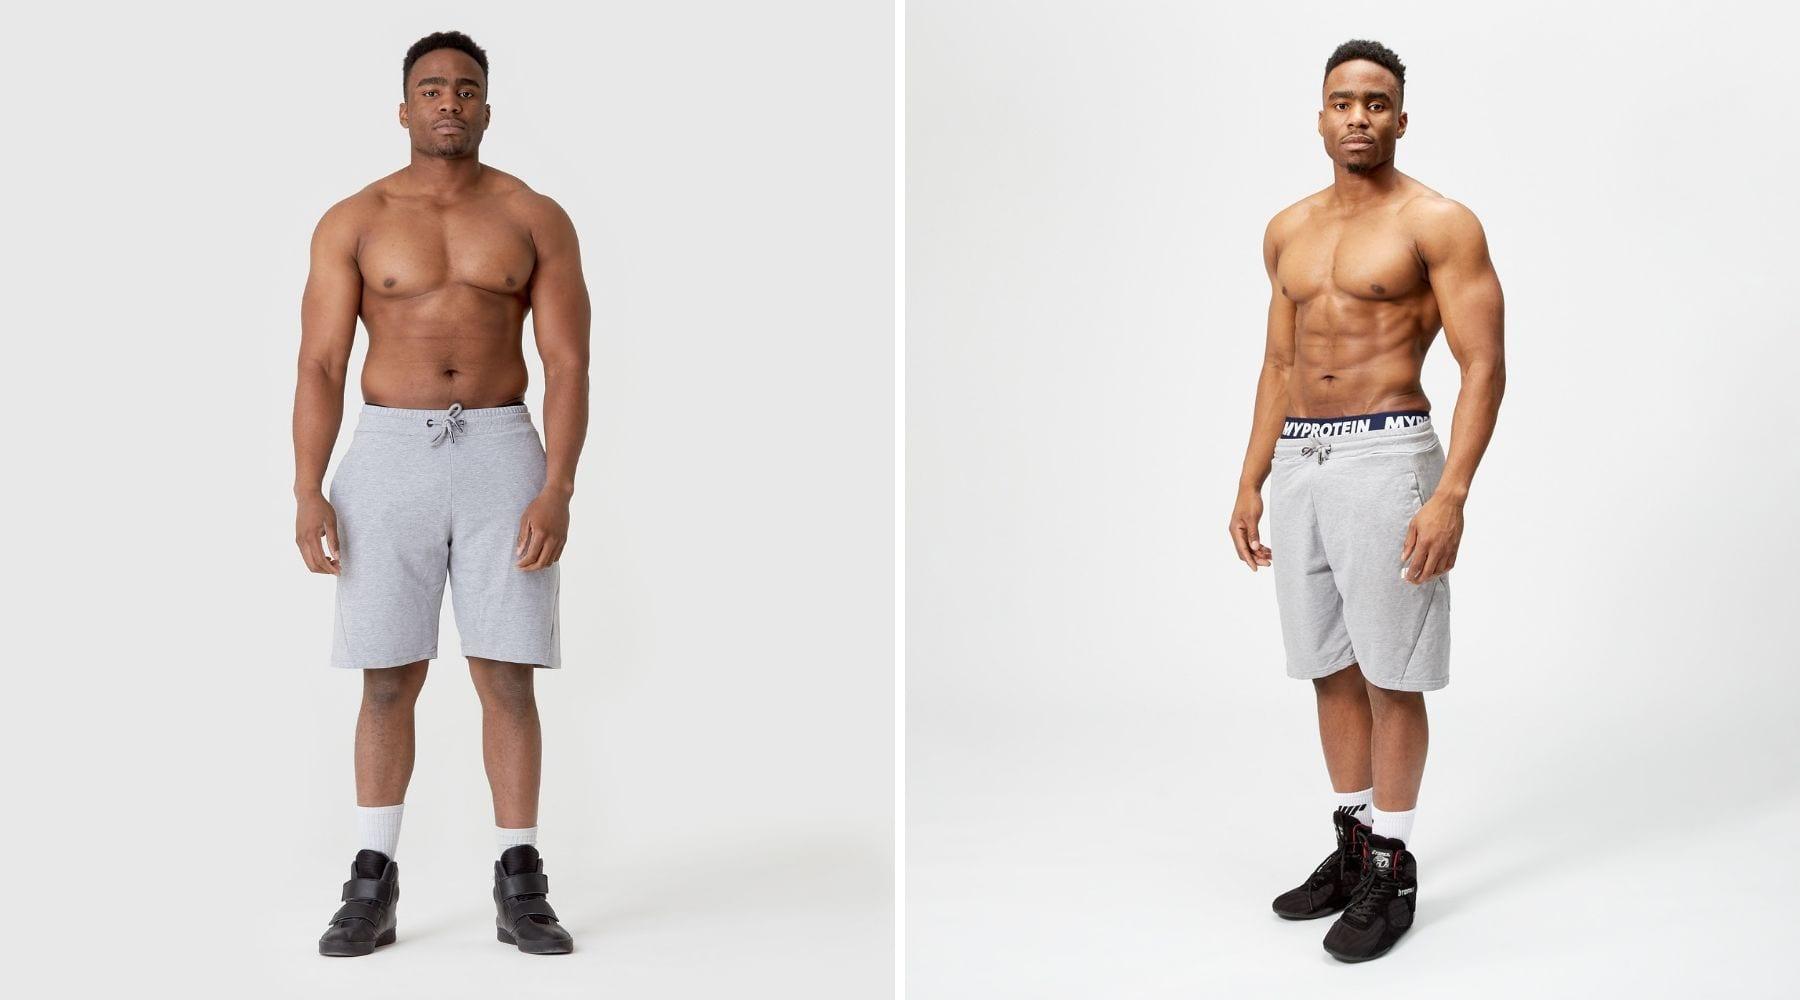 Bodybuilder med et kontorjob | Neos fitness rejse